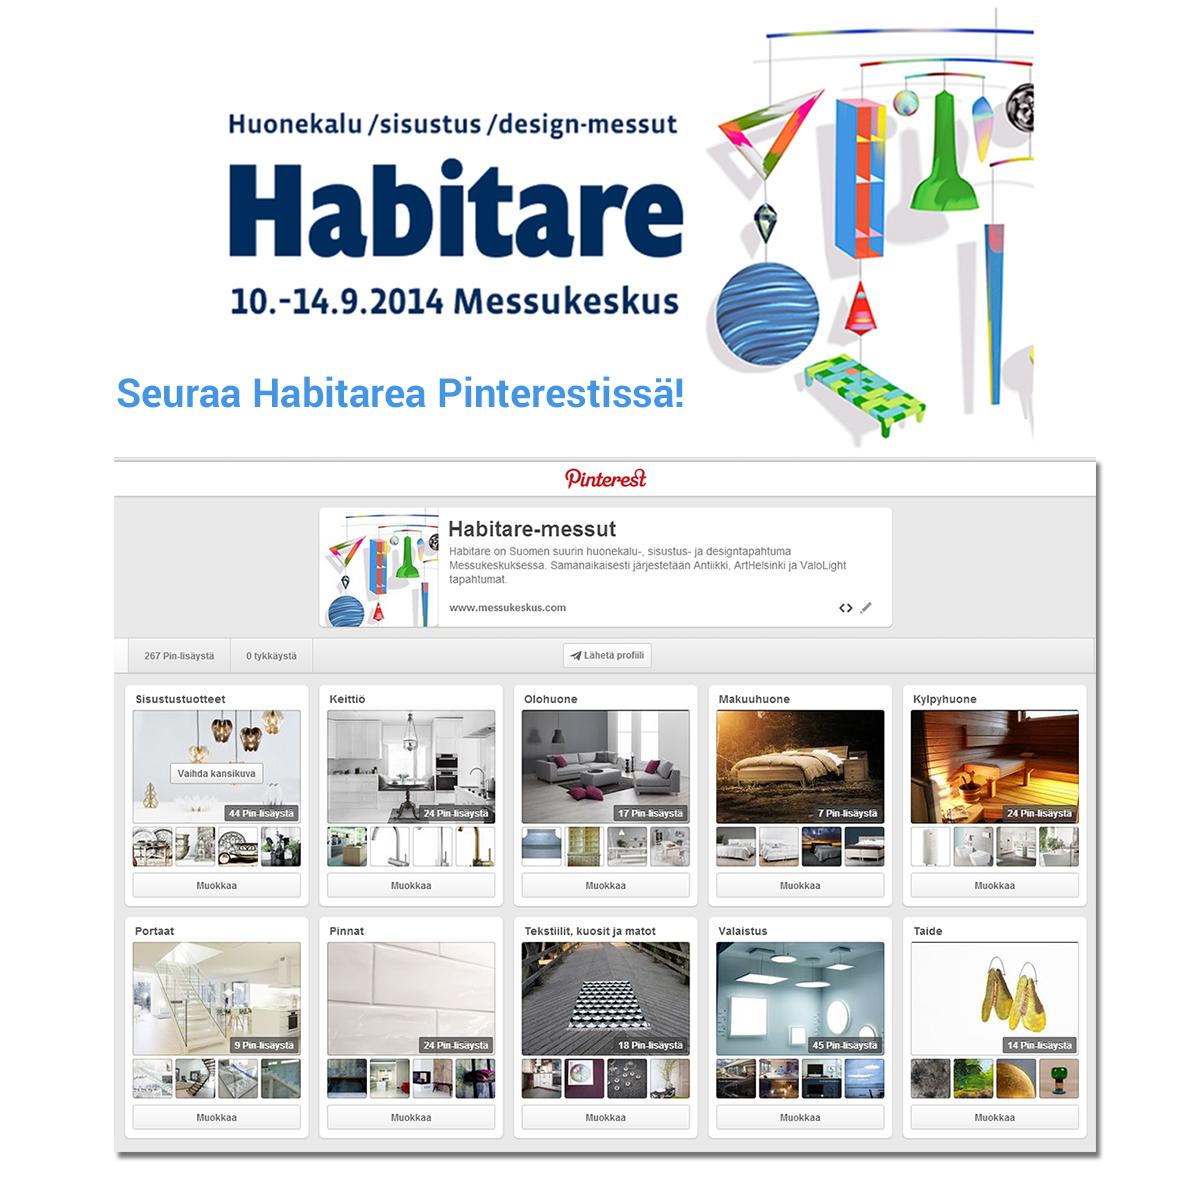 Seuraa Habitarea Pinterestissä! #habitare2014 #design #sisustus #messut #helsinki #messukeskus